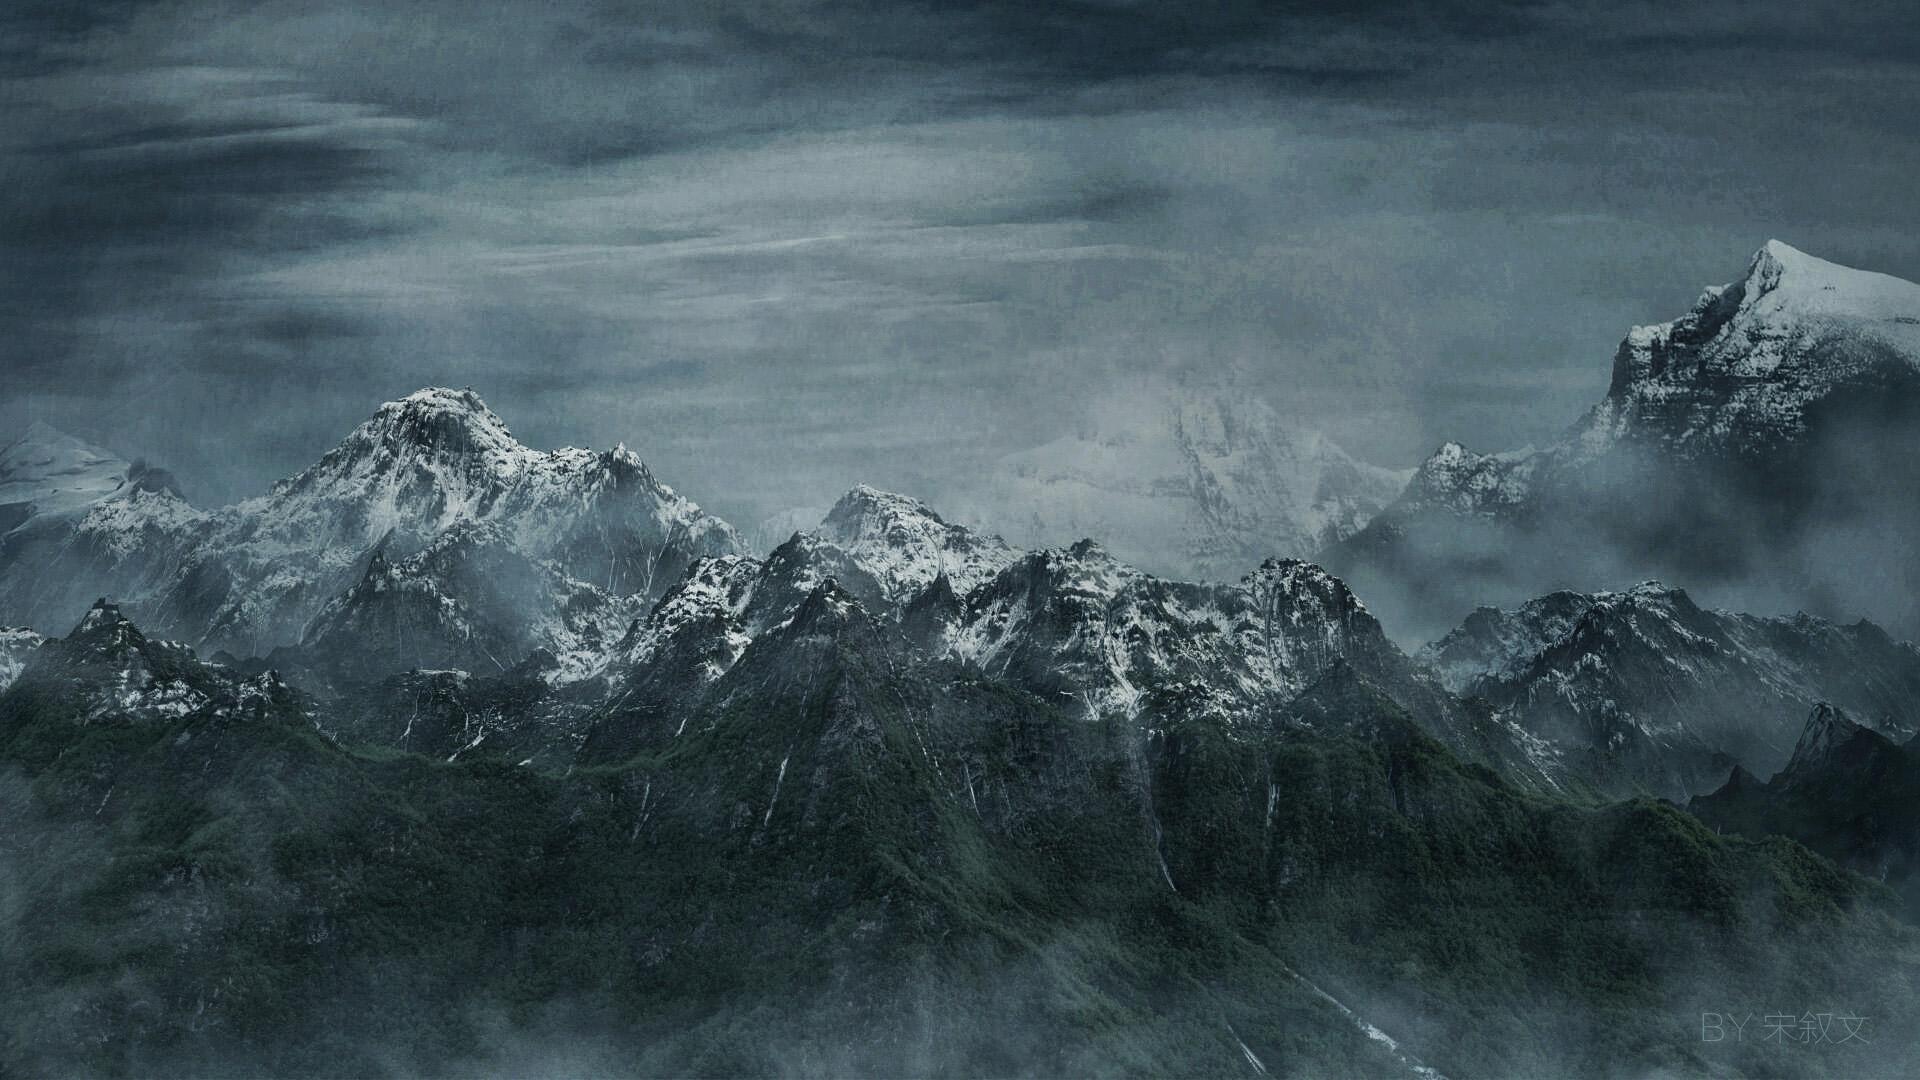 鬼蜮雪山2压缩.jpg